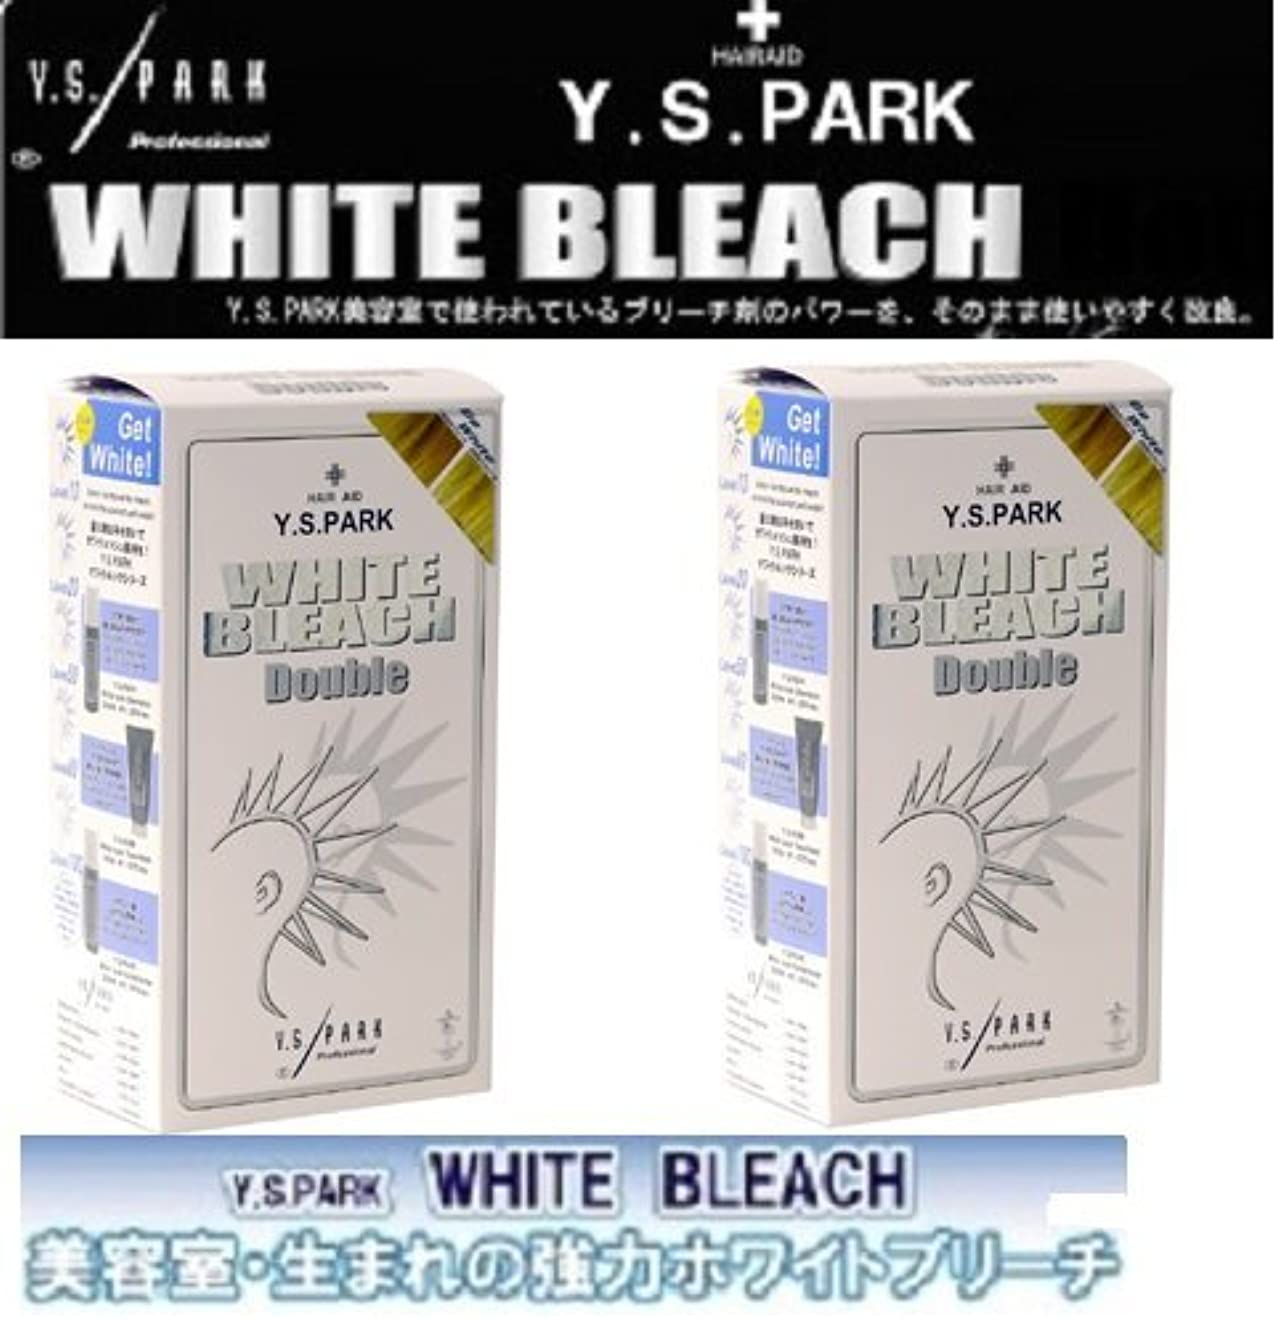 若者無力カヌーY.S.パーク ホワイトブリーチ ダブル60g(お得な2個組)美容室生まれの強力ホワイトブリーチ?強力ホワイトブリーチに大容量サイズが登場!